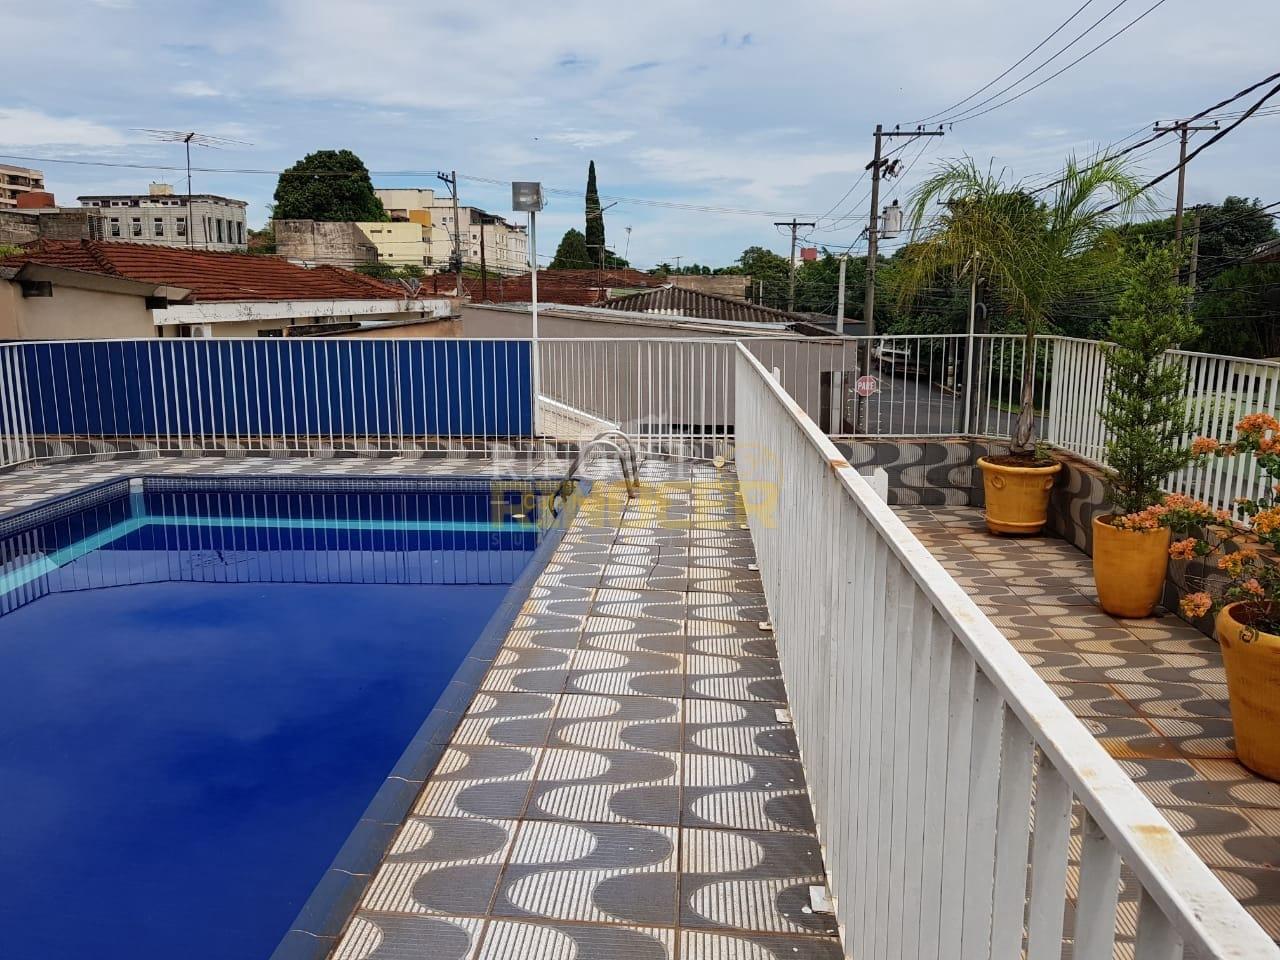 https://static.arboimoveis.com.br/AP0492_RNCR/apartamento-para-locacao-jardim-paulistano-ribeirao-preto1624524379230kbobt_watermark.jpg